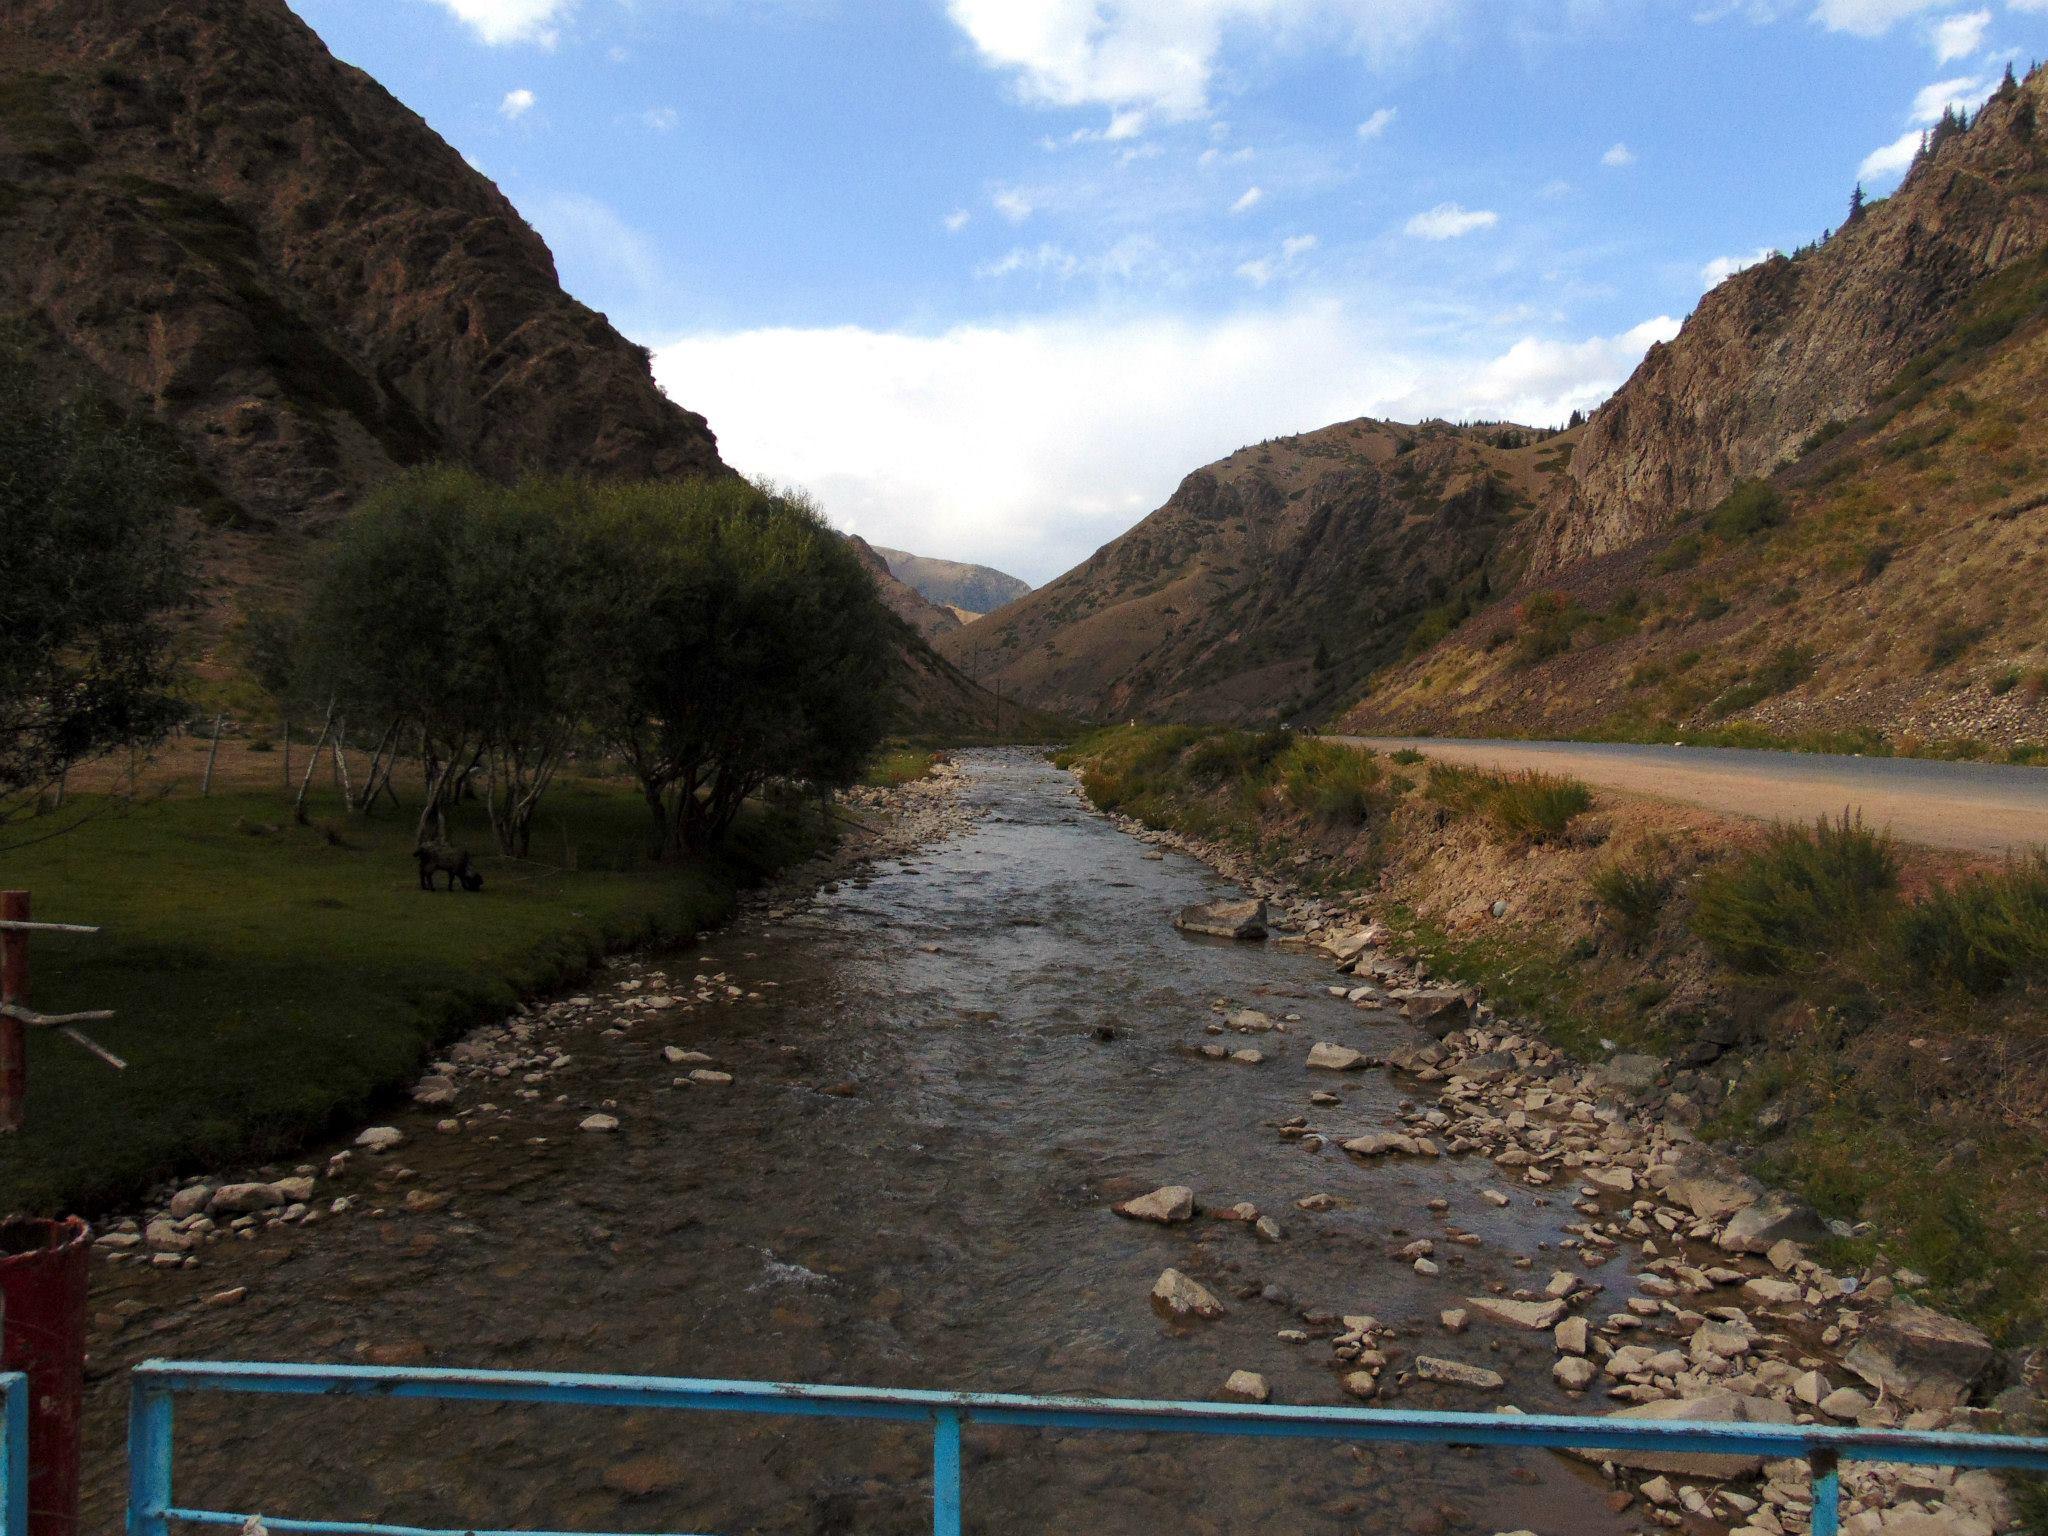 река нарын. путешествия кати. киргизия